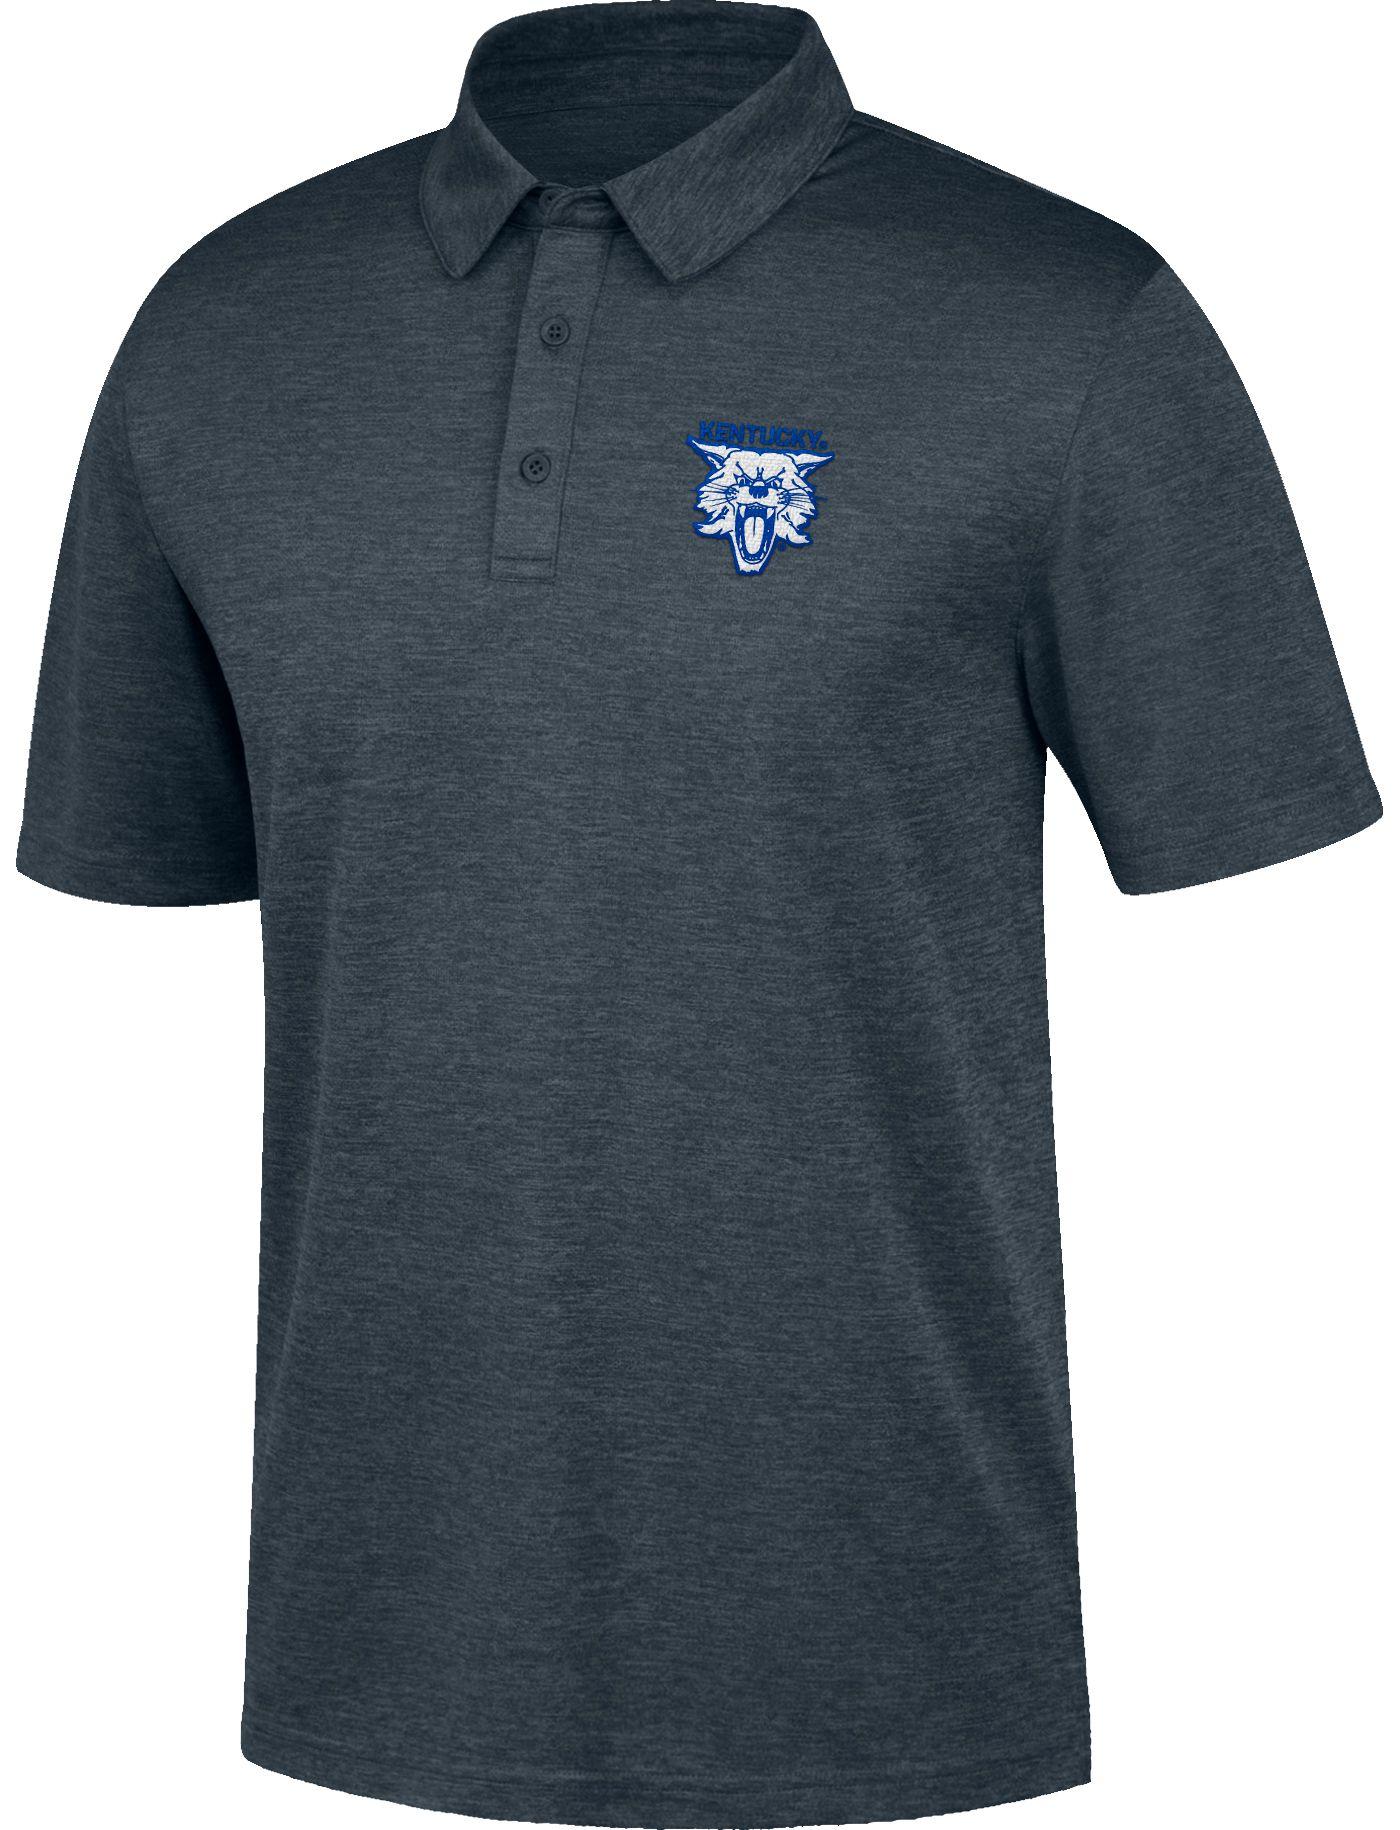 Top of the World Men's Kentucky Wildcats Grey Carbon Polo